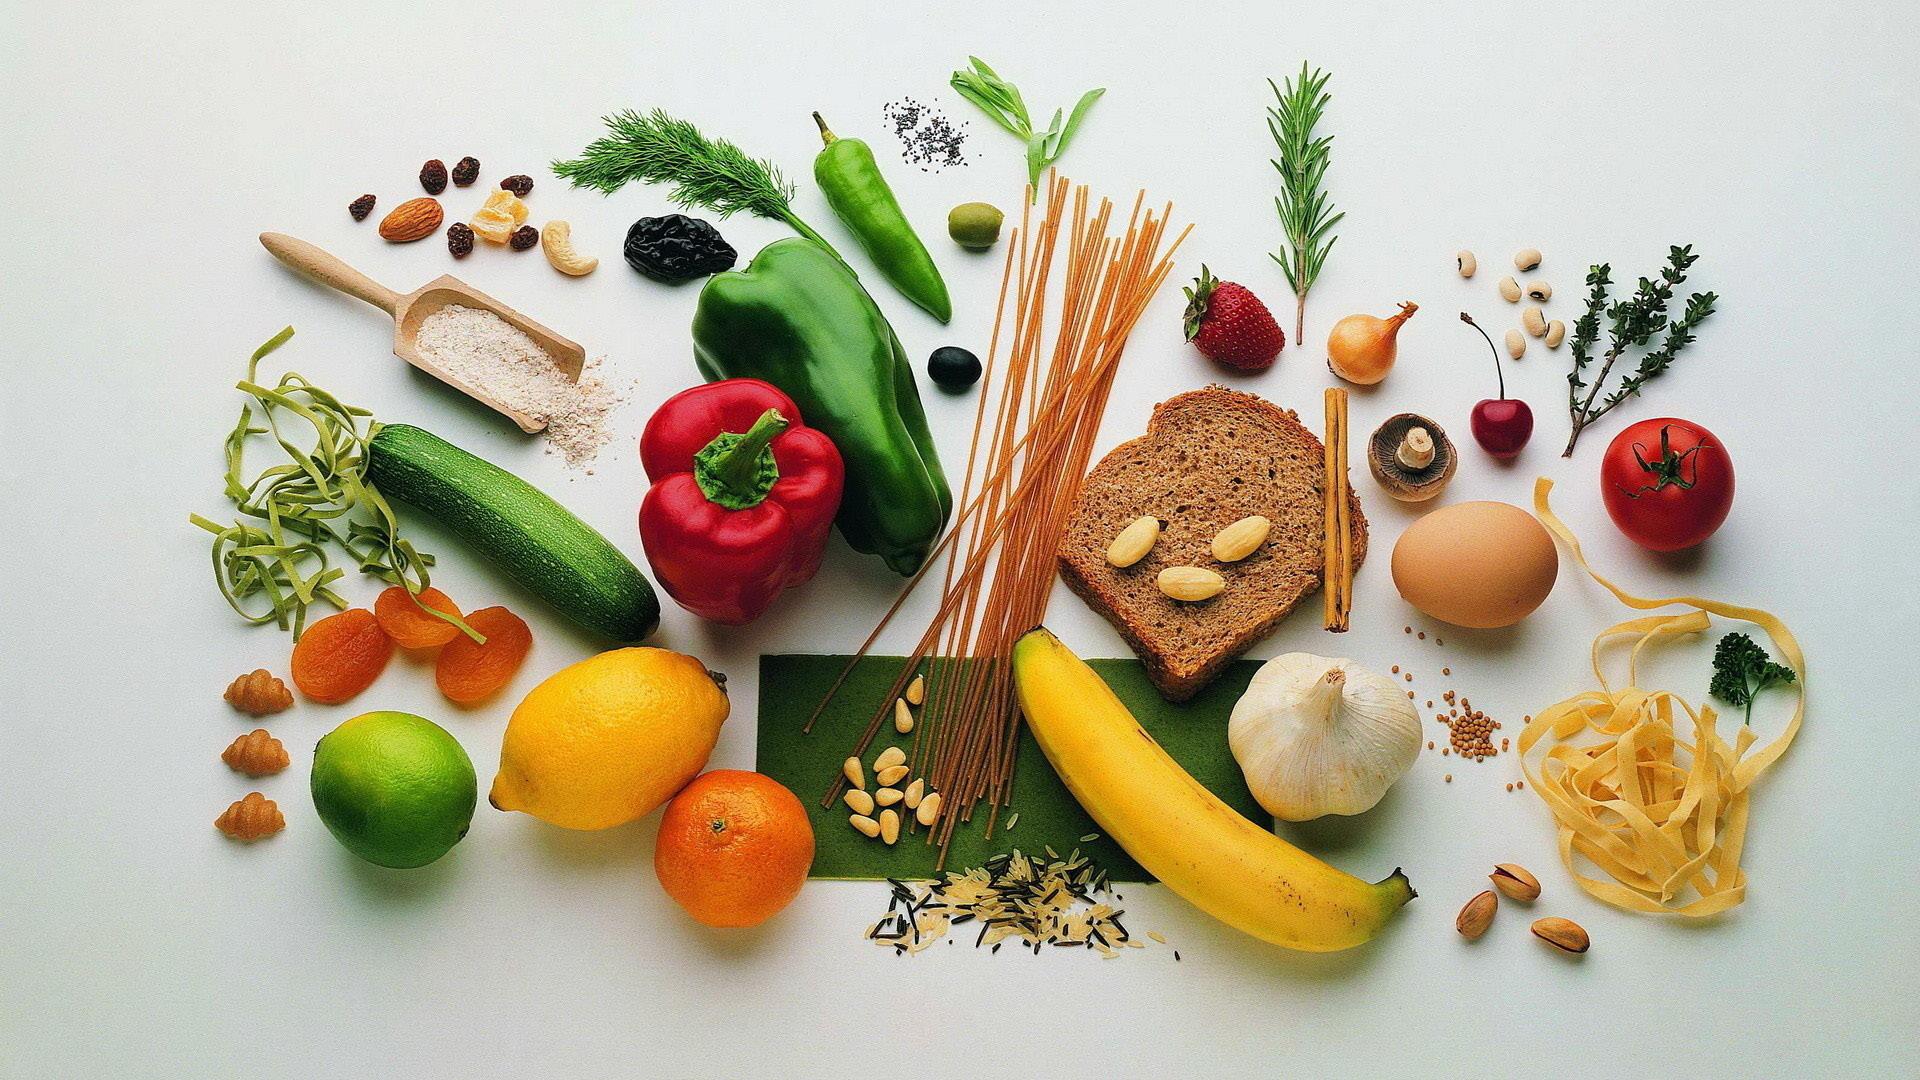 Alimentation saine - Une offre pléthorique | business-magazine.mu